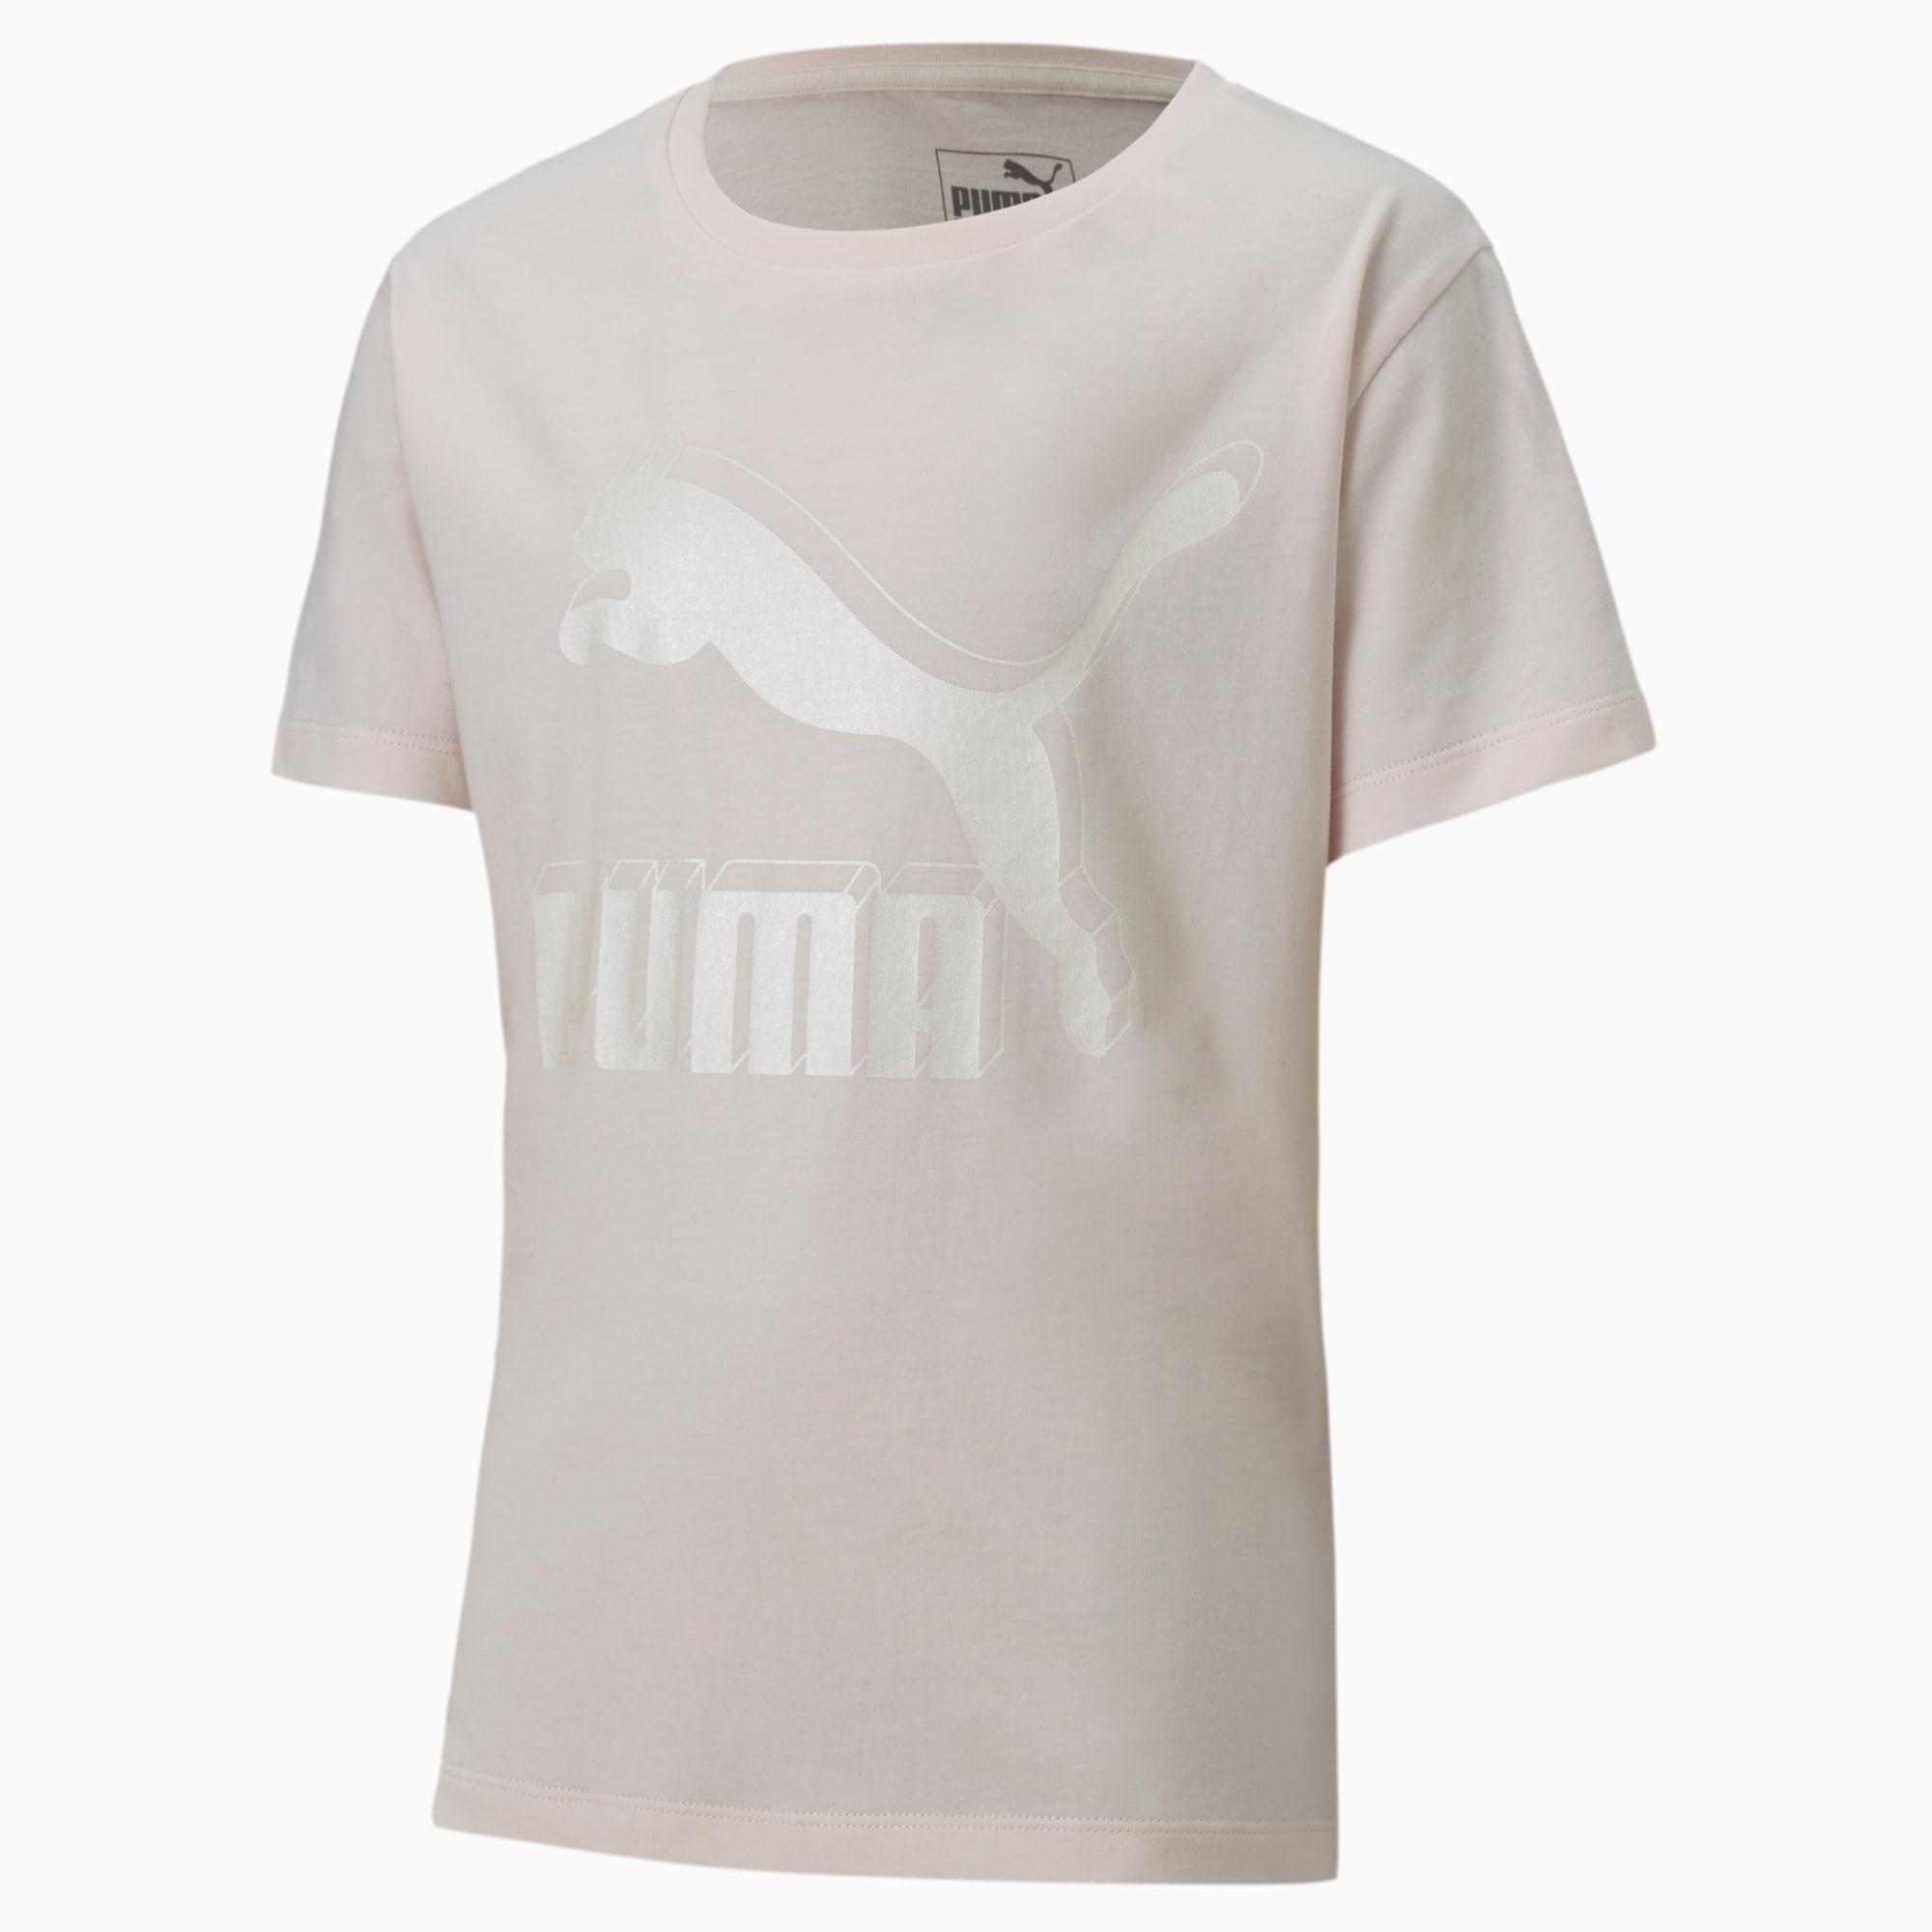 PUMA T-Shirt Classics Graphic pour fille, Rose, Taille 116, Vêtements